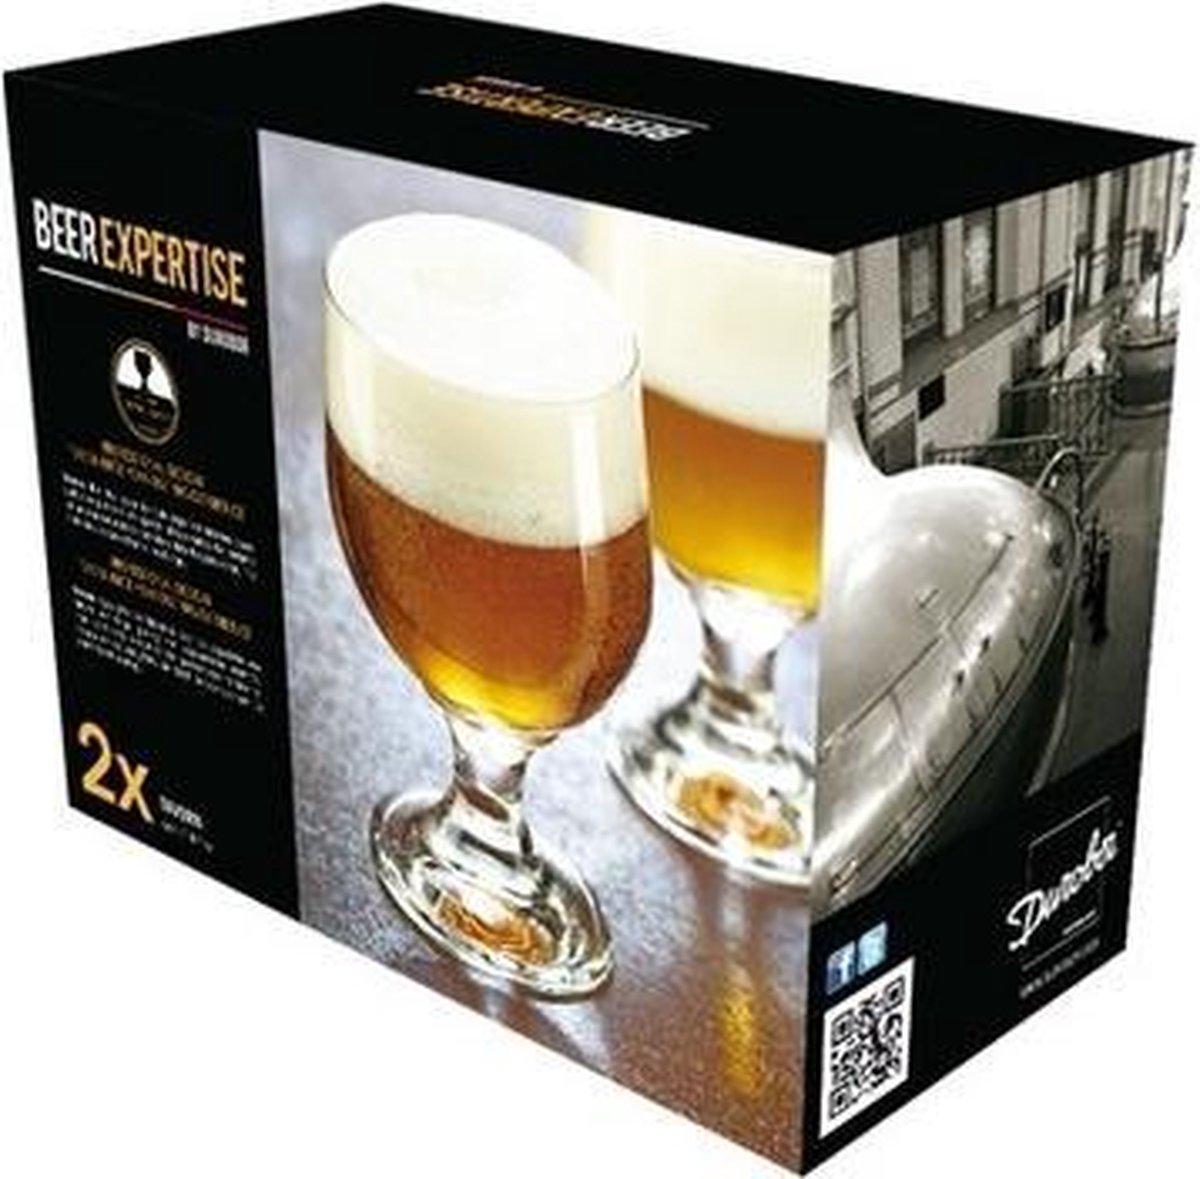 2x speciaal bierglazen - 480 ml - bok bier glazen - Merkloos